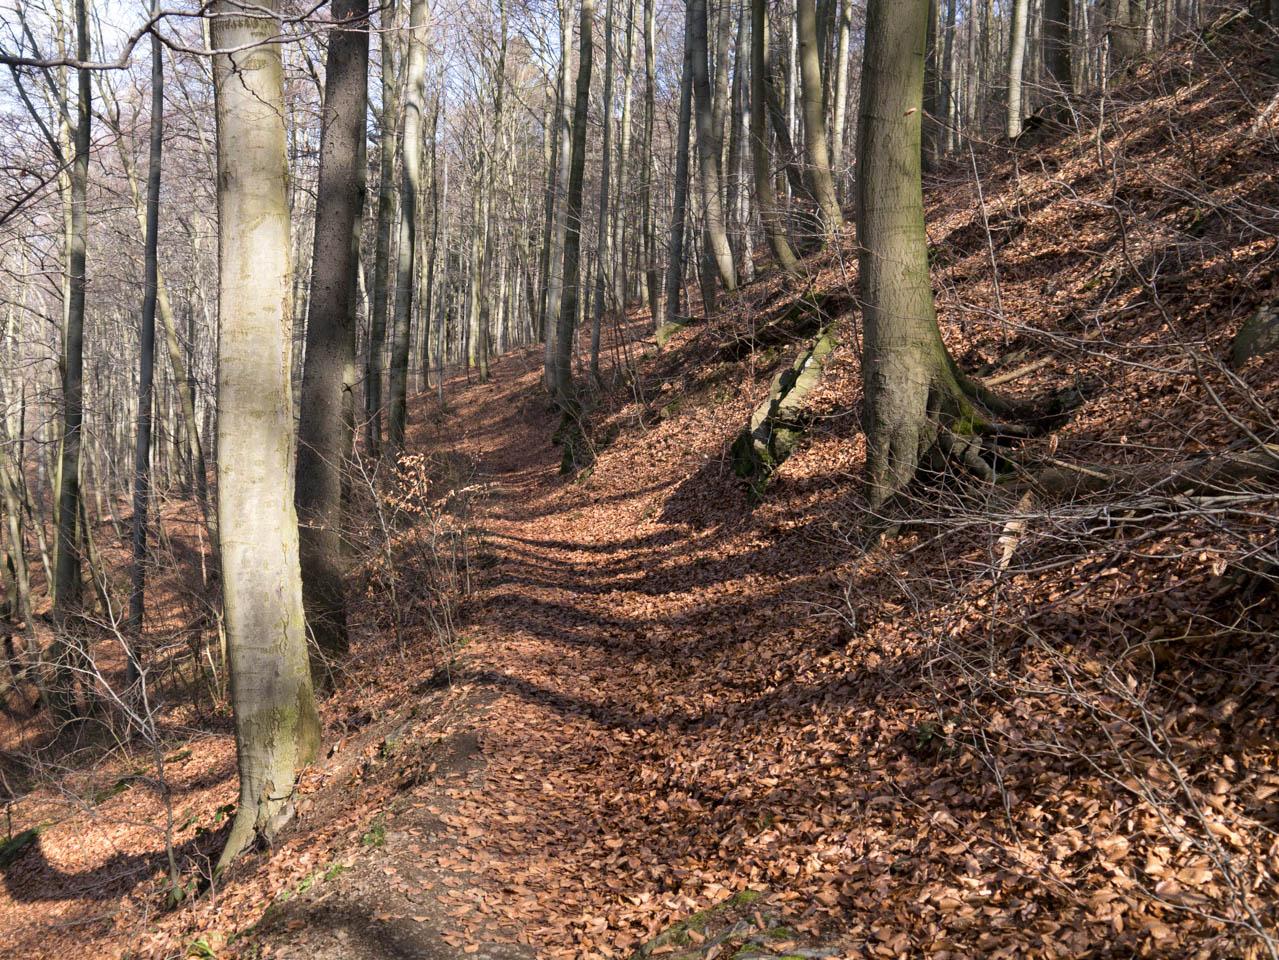 Weg zum Baumwipfelpfad (1 von 1)